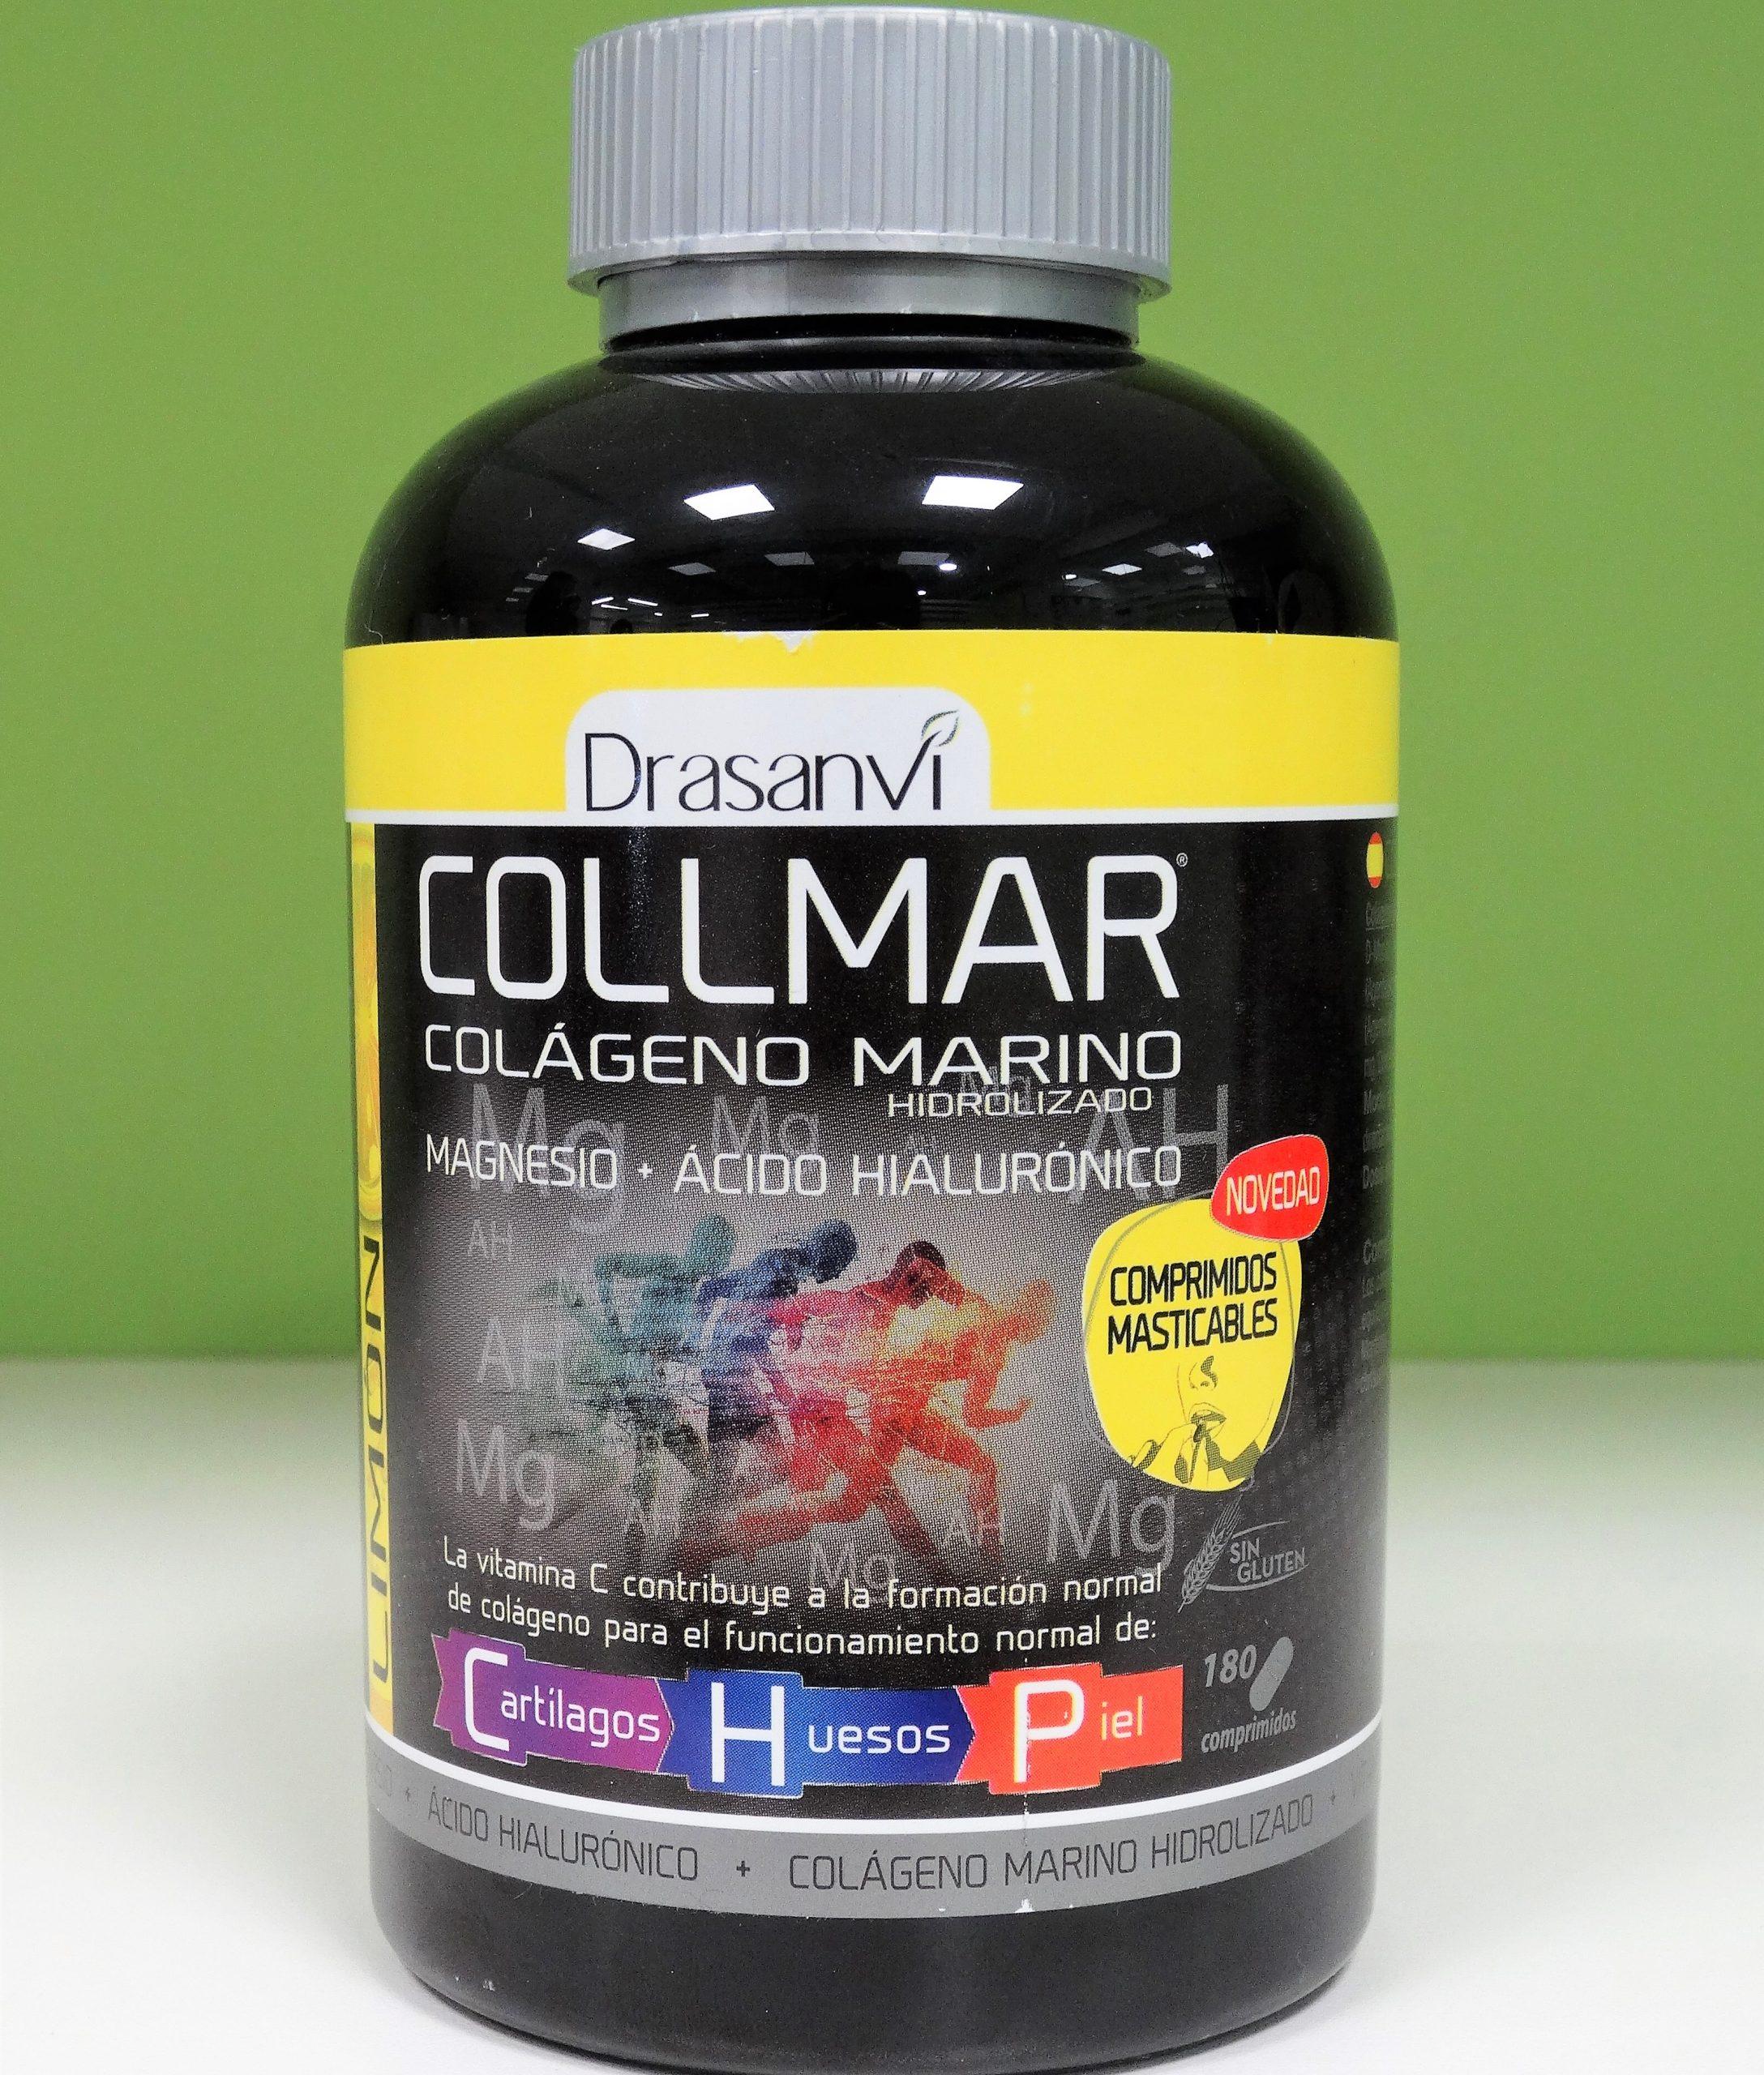 Los comprimidos de Collmar Colageno Marino de Drasanvi incorporan en su composición Colágeno Marino Hidrolizado enzimáticamente, Ácido Hialurónico, Magnesio, Calcio y Vitamina C.